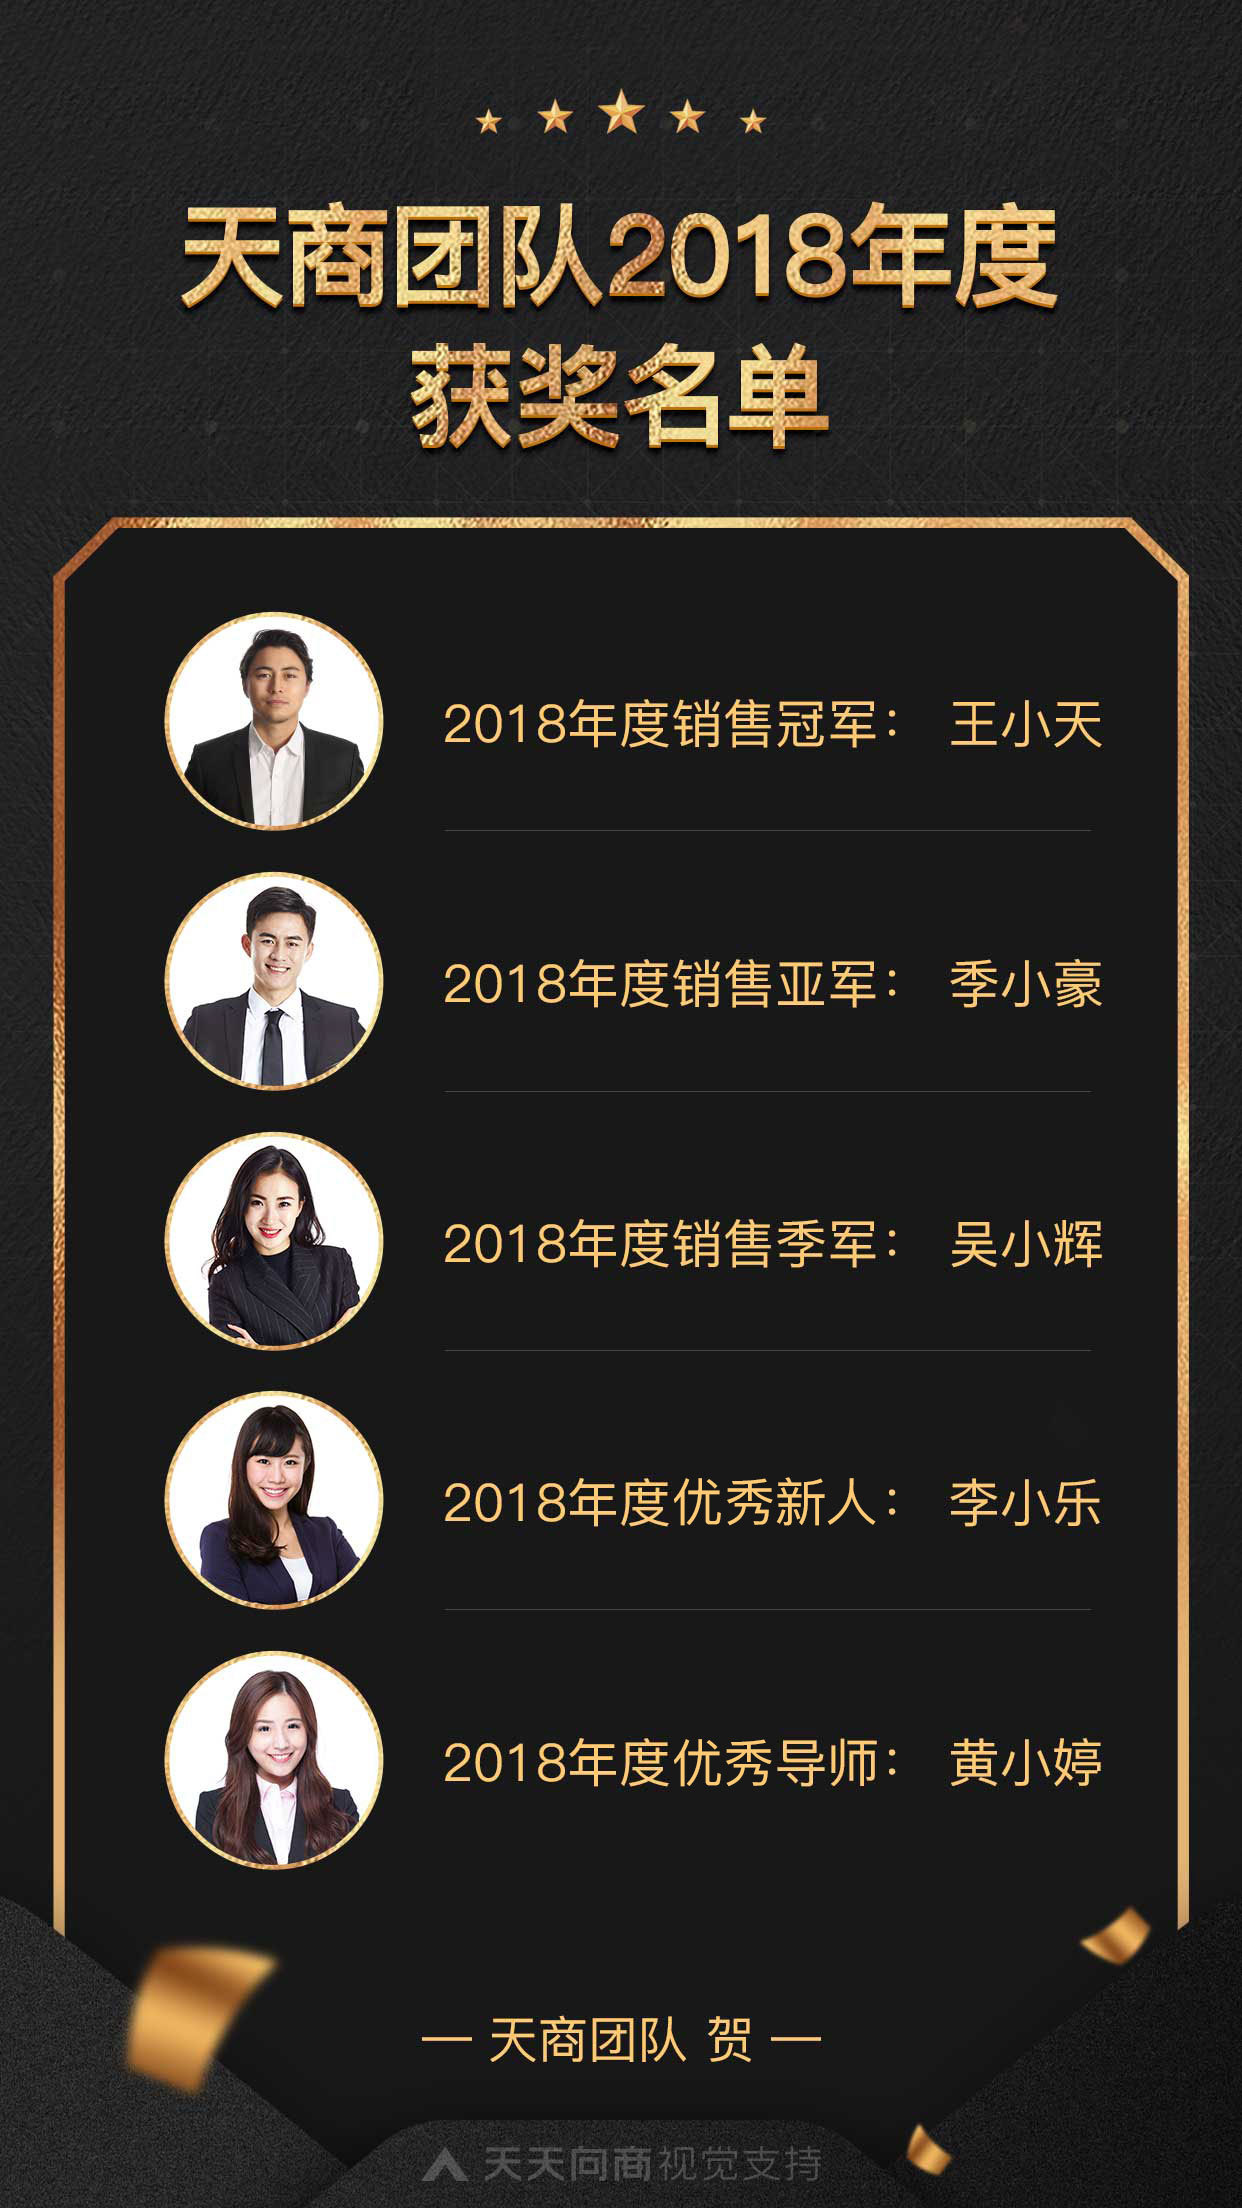 年度获奖团队喜报名单录